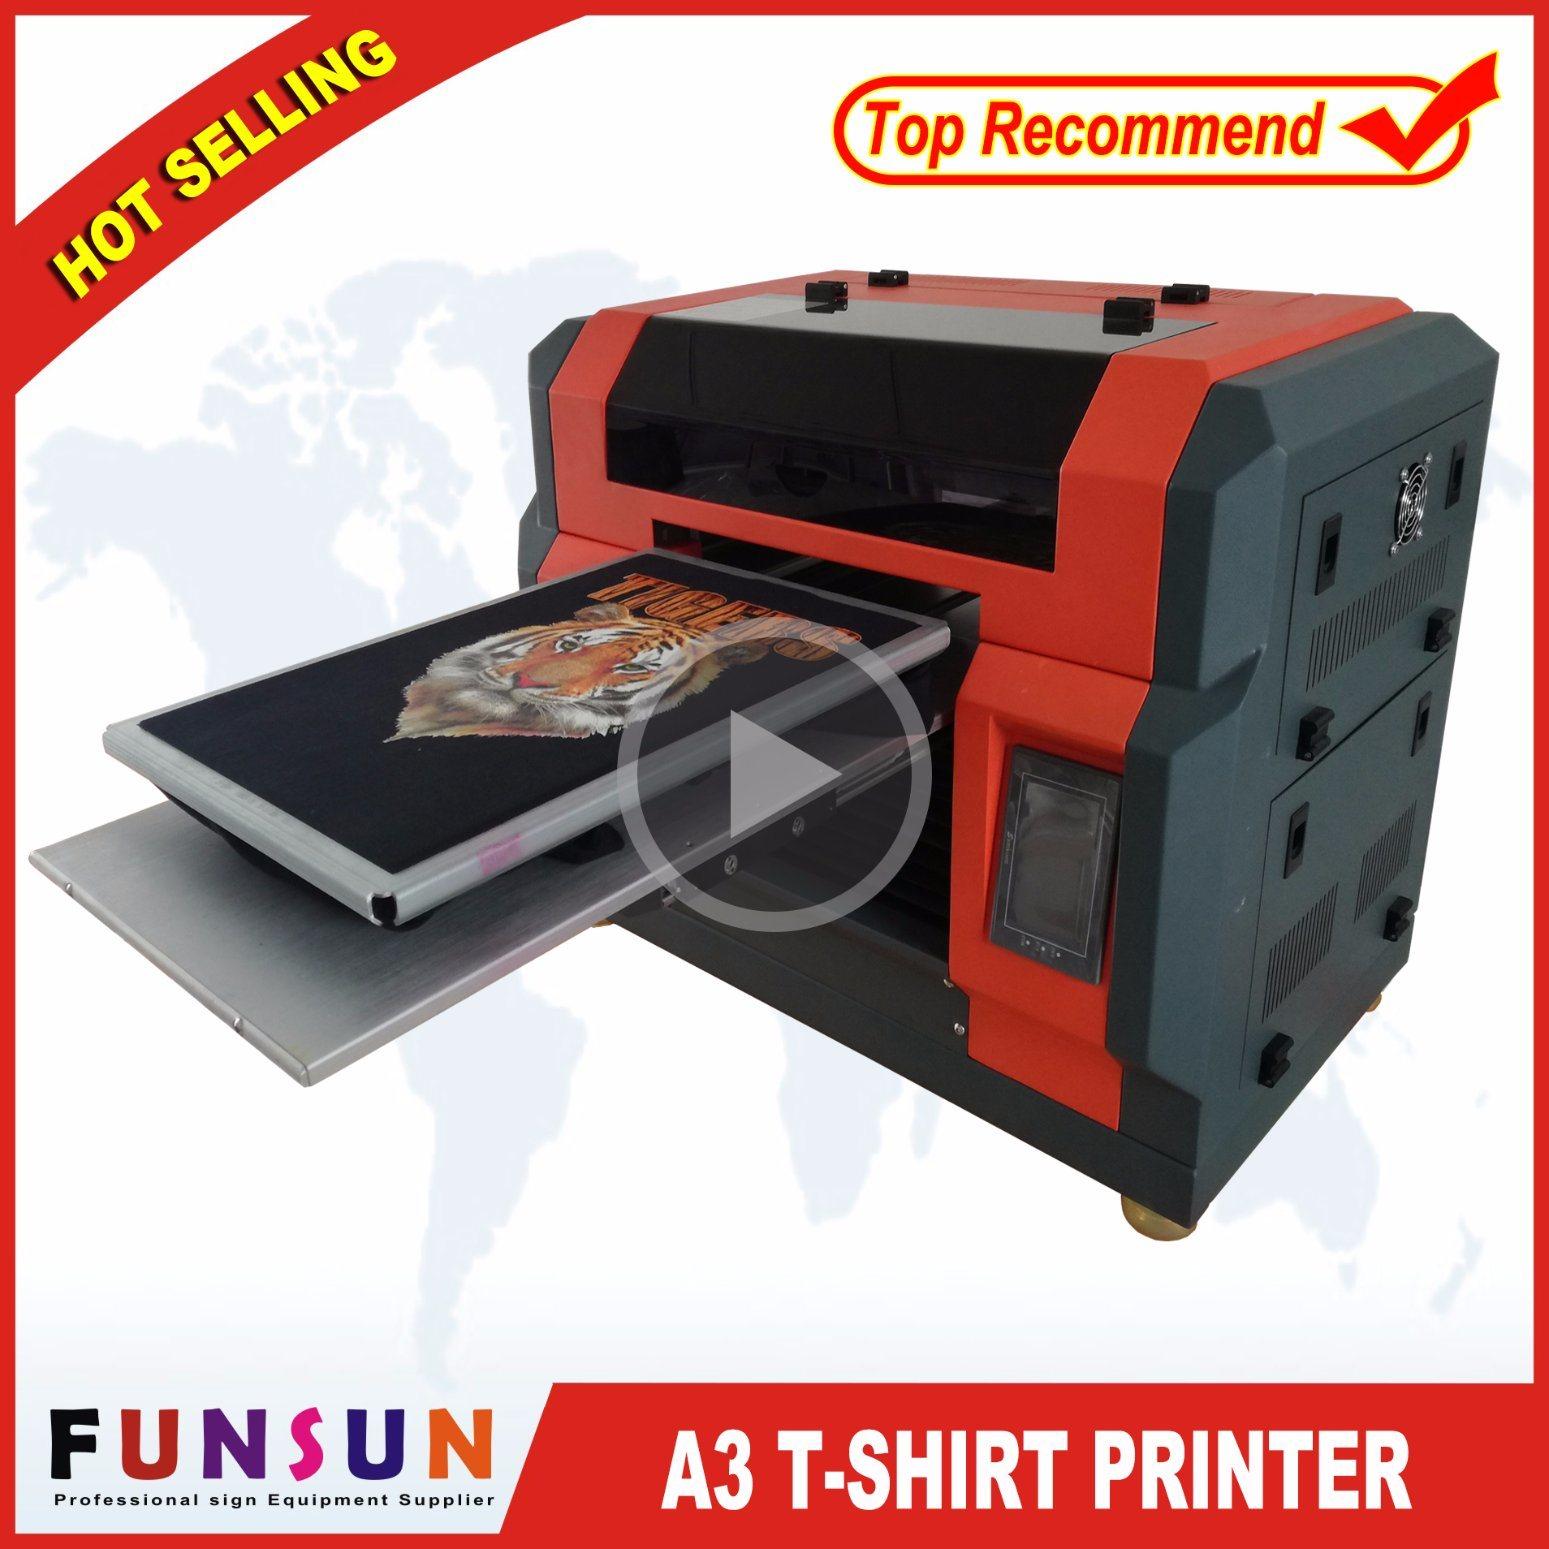 China Funsunjt T Shirt Printing Machine Philippines A3 Size China